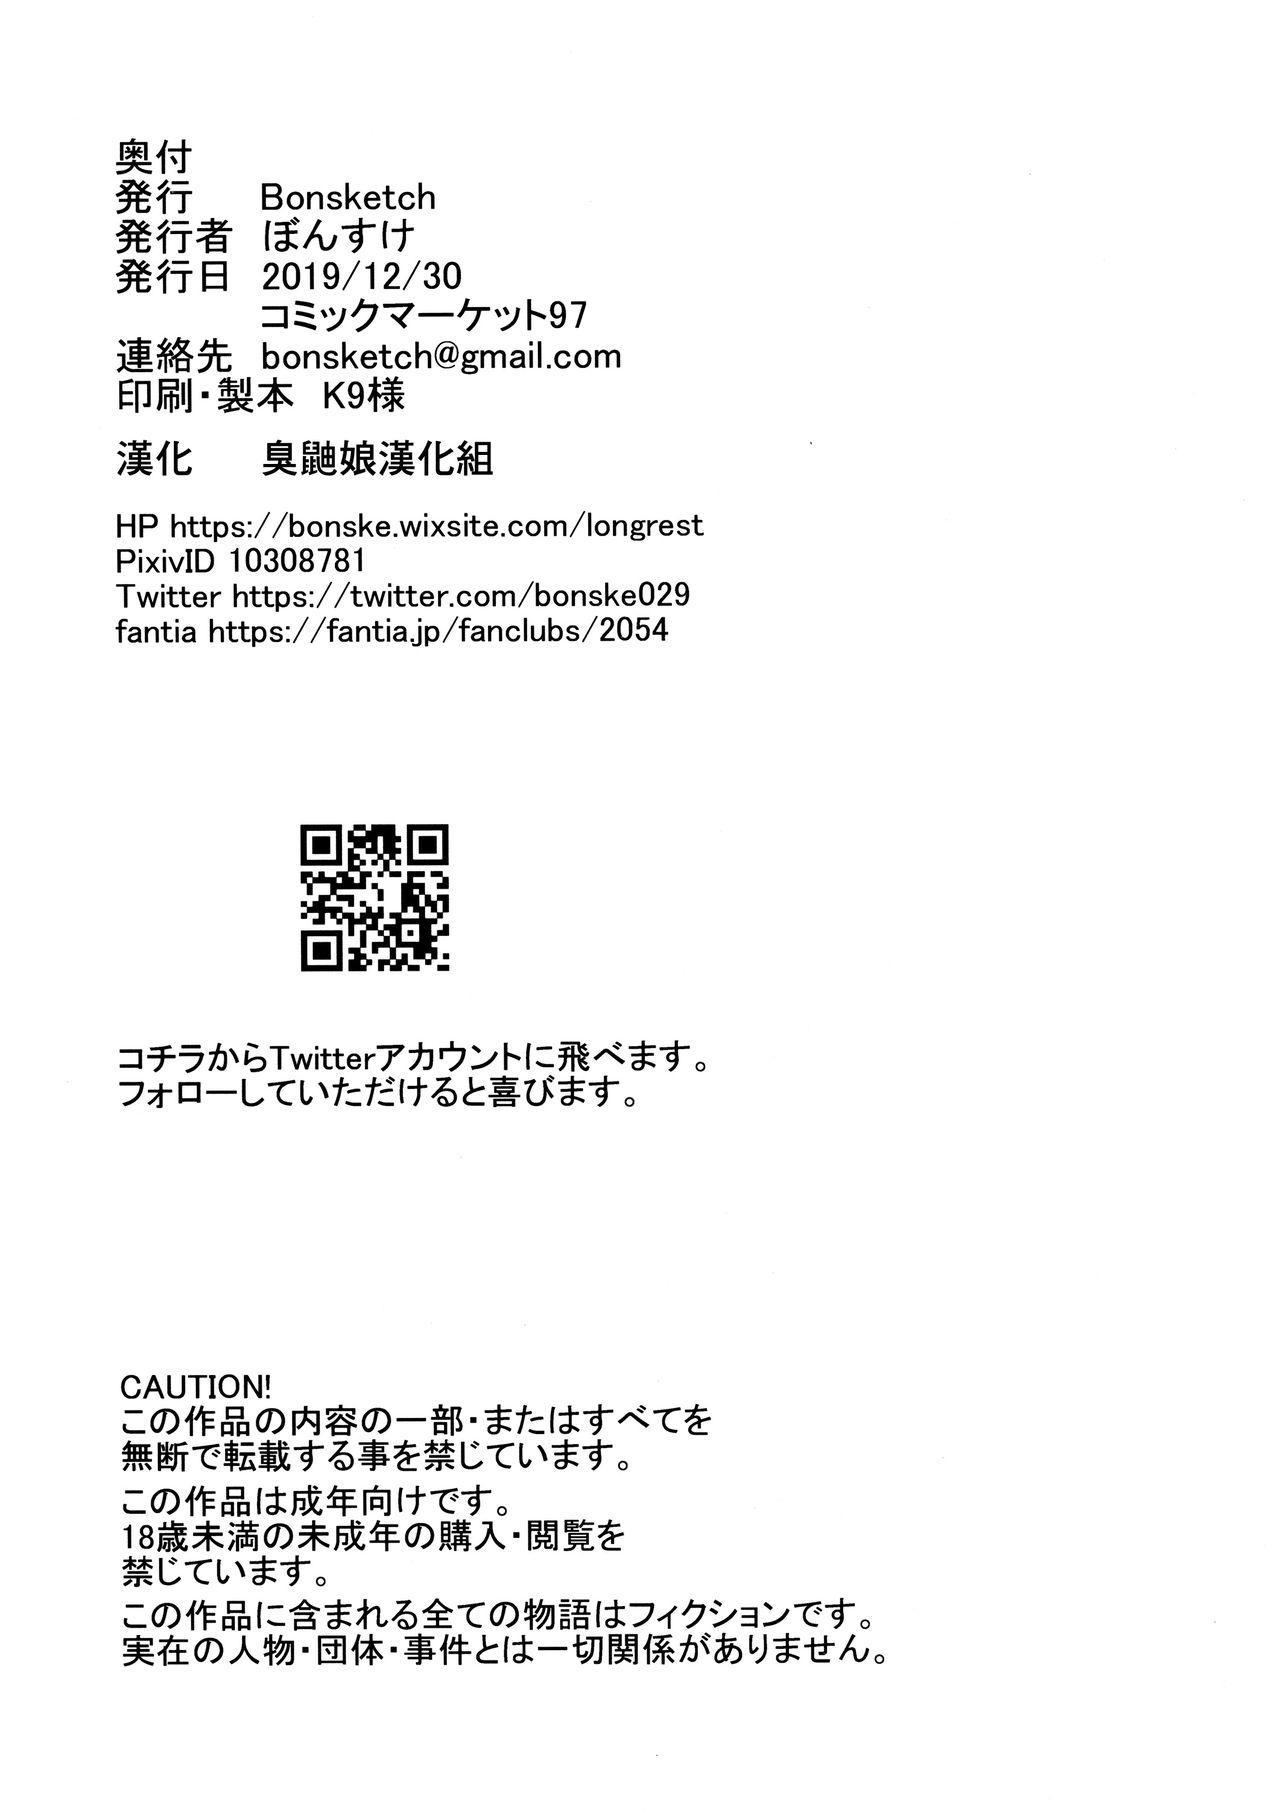 Arawareta Chijo wa Toshishita Kui no Scatolo Hentai deshita 24